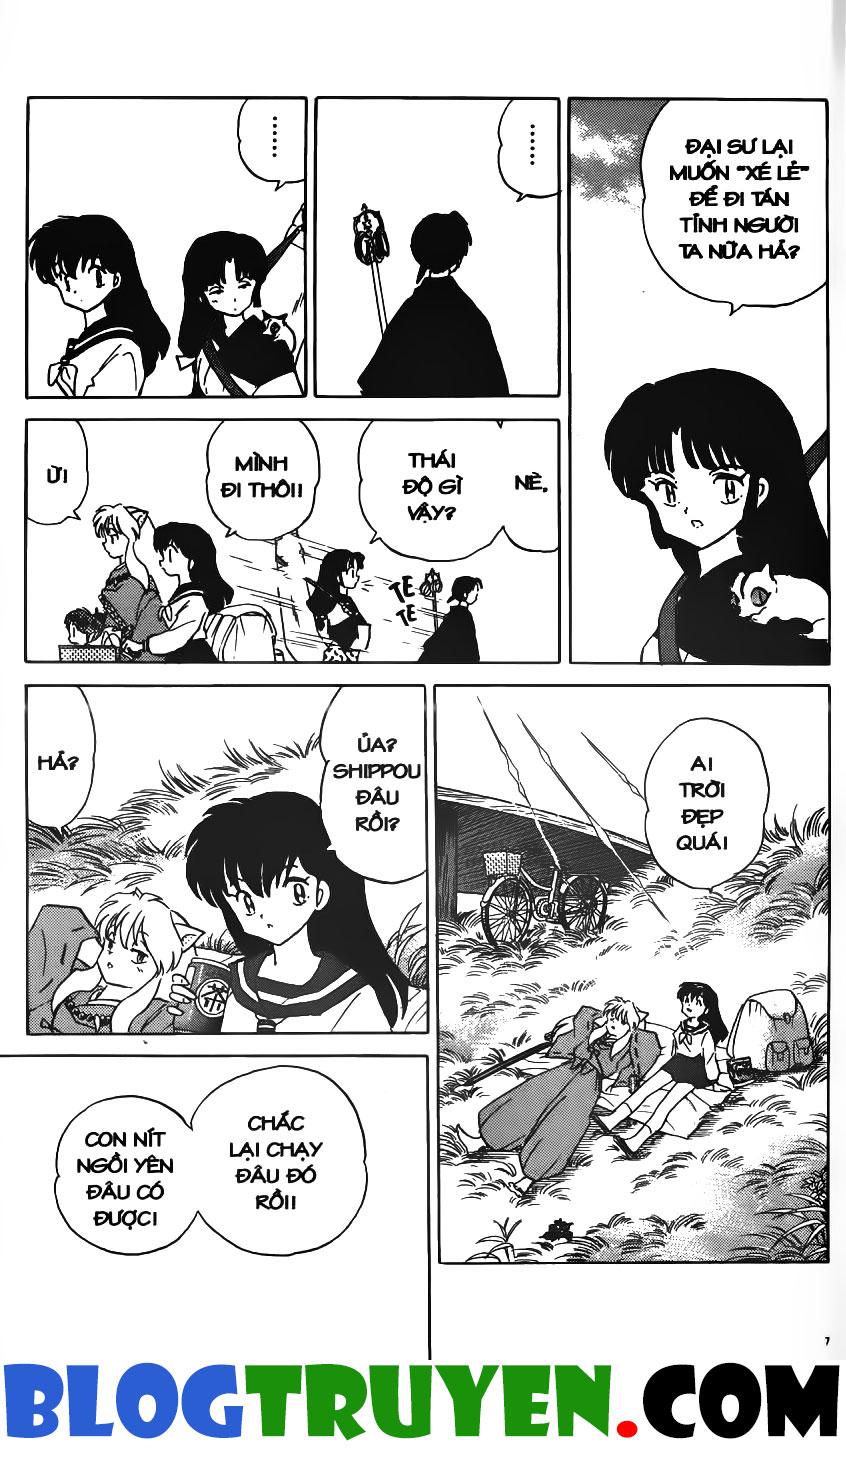 Inuyasha vol 21.1 trang 6